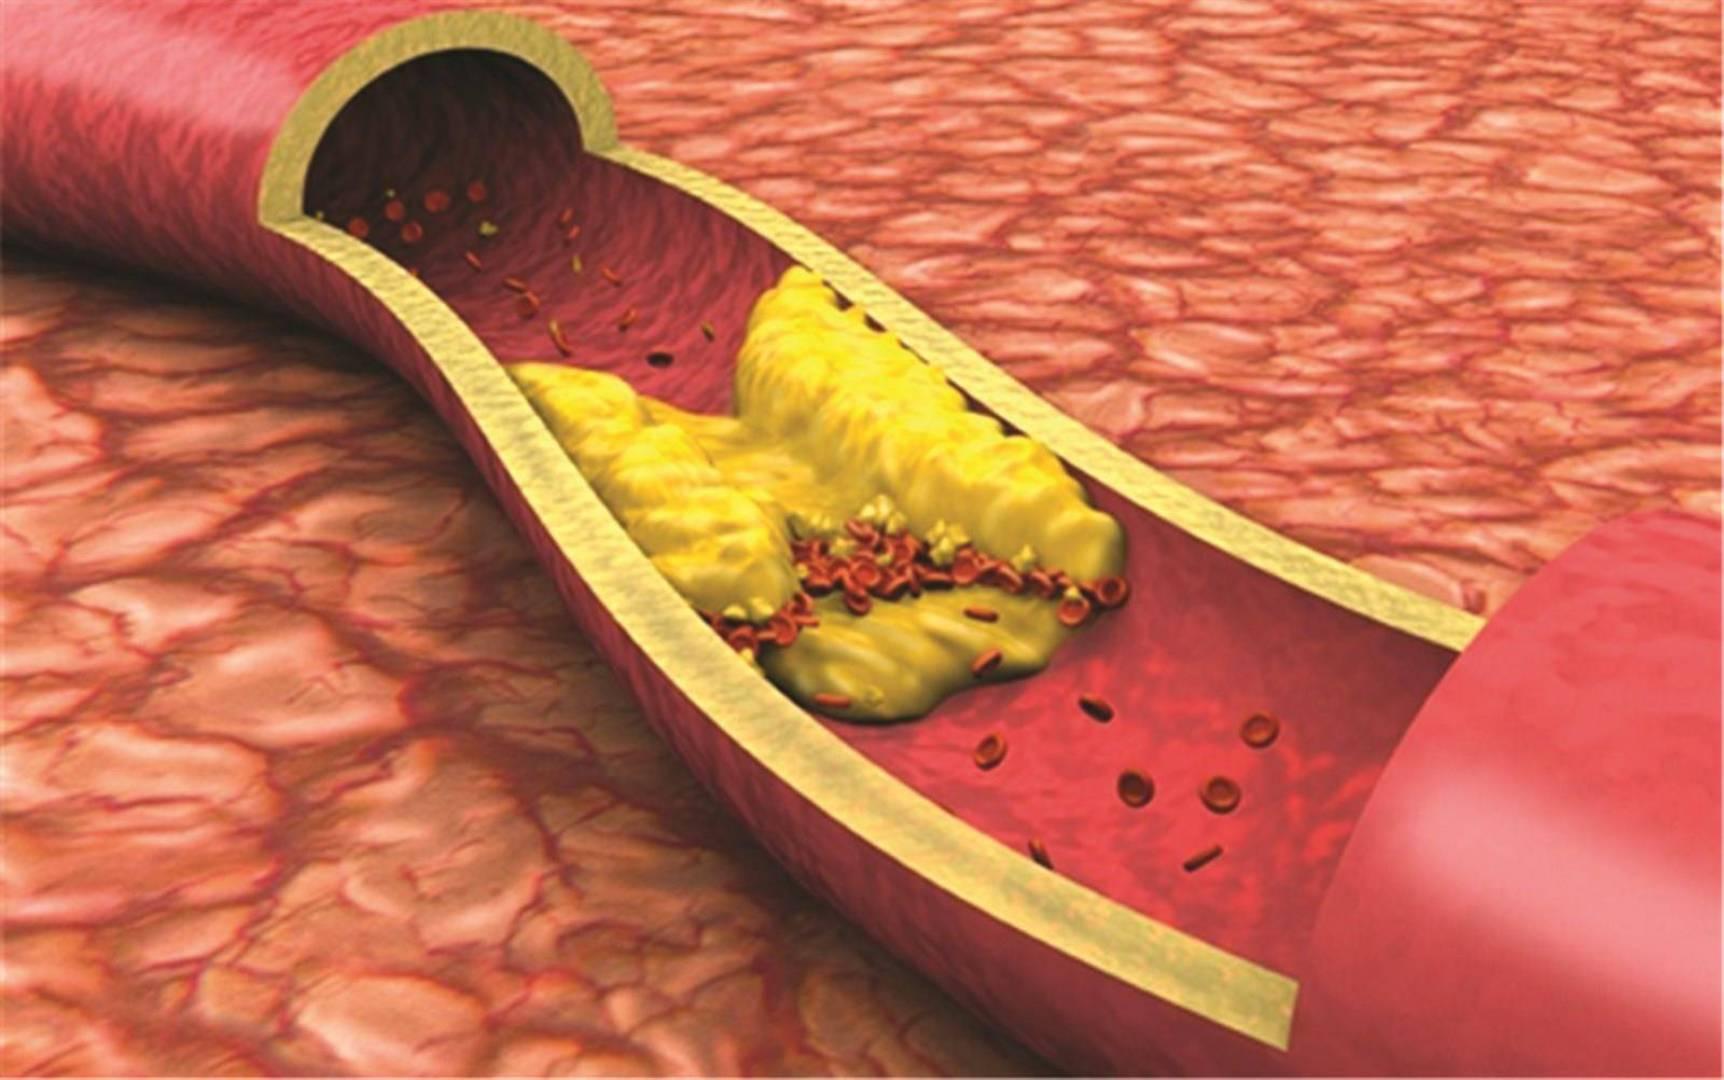 شكل الدهون في مجرى الدم